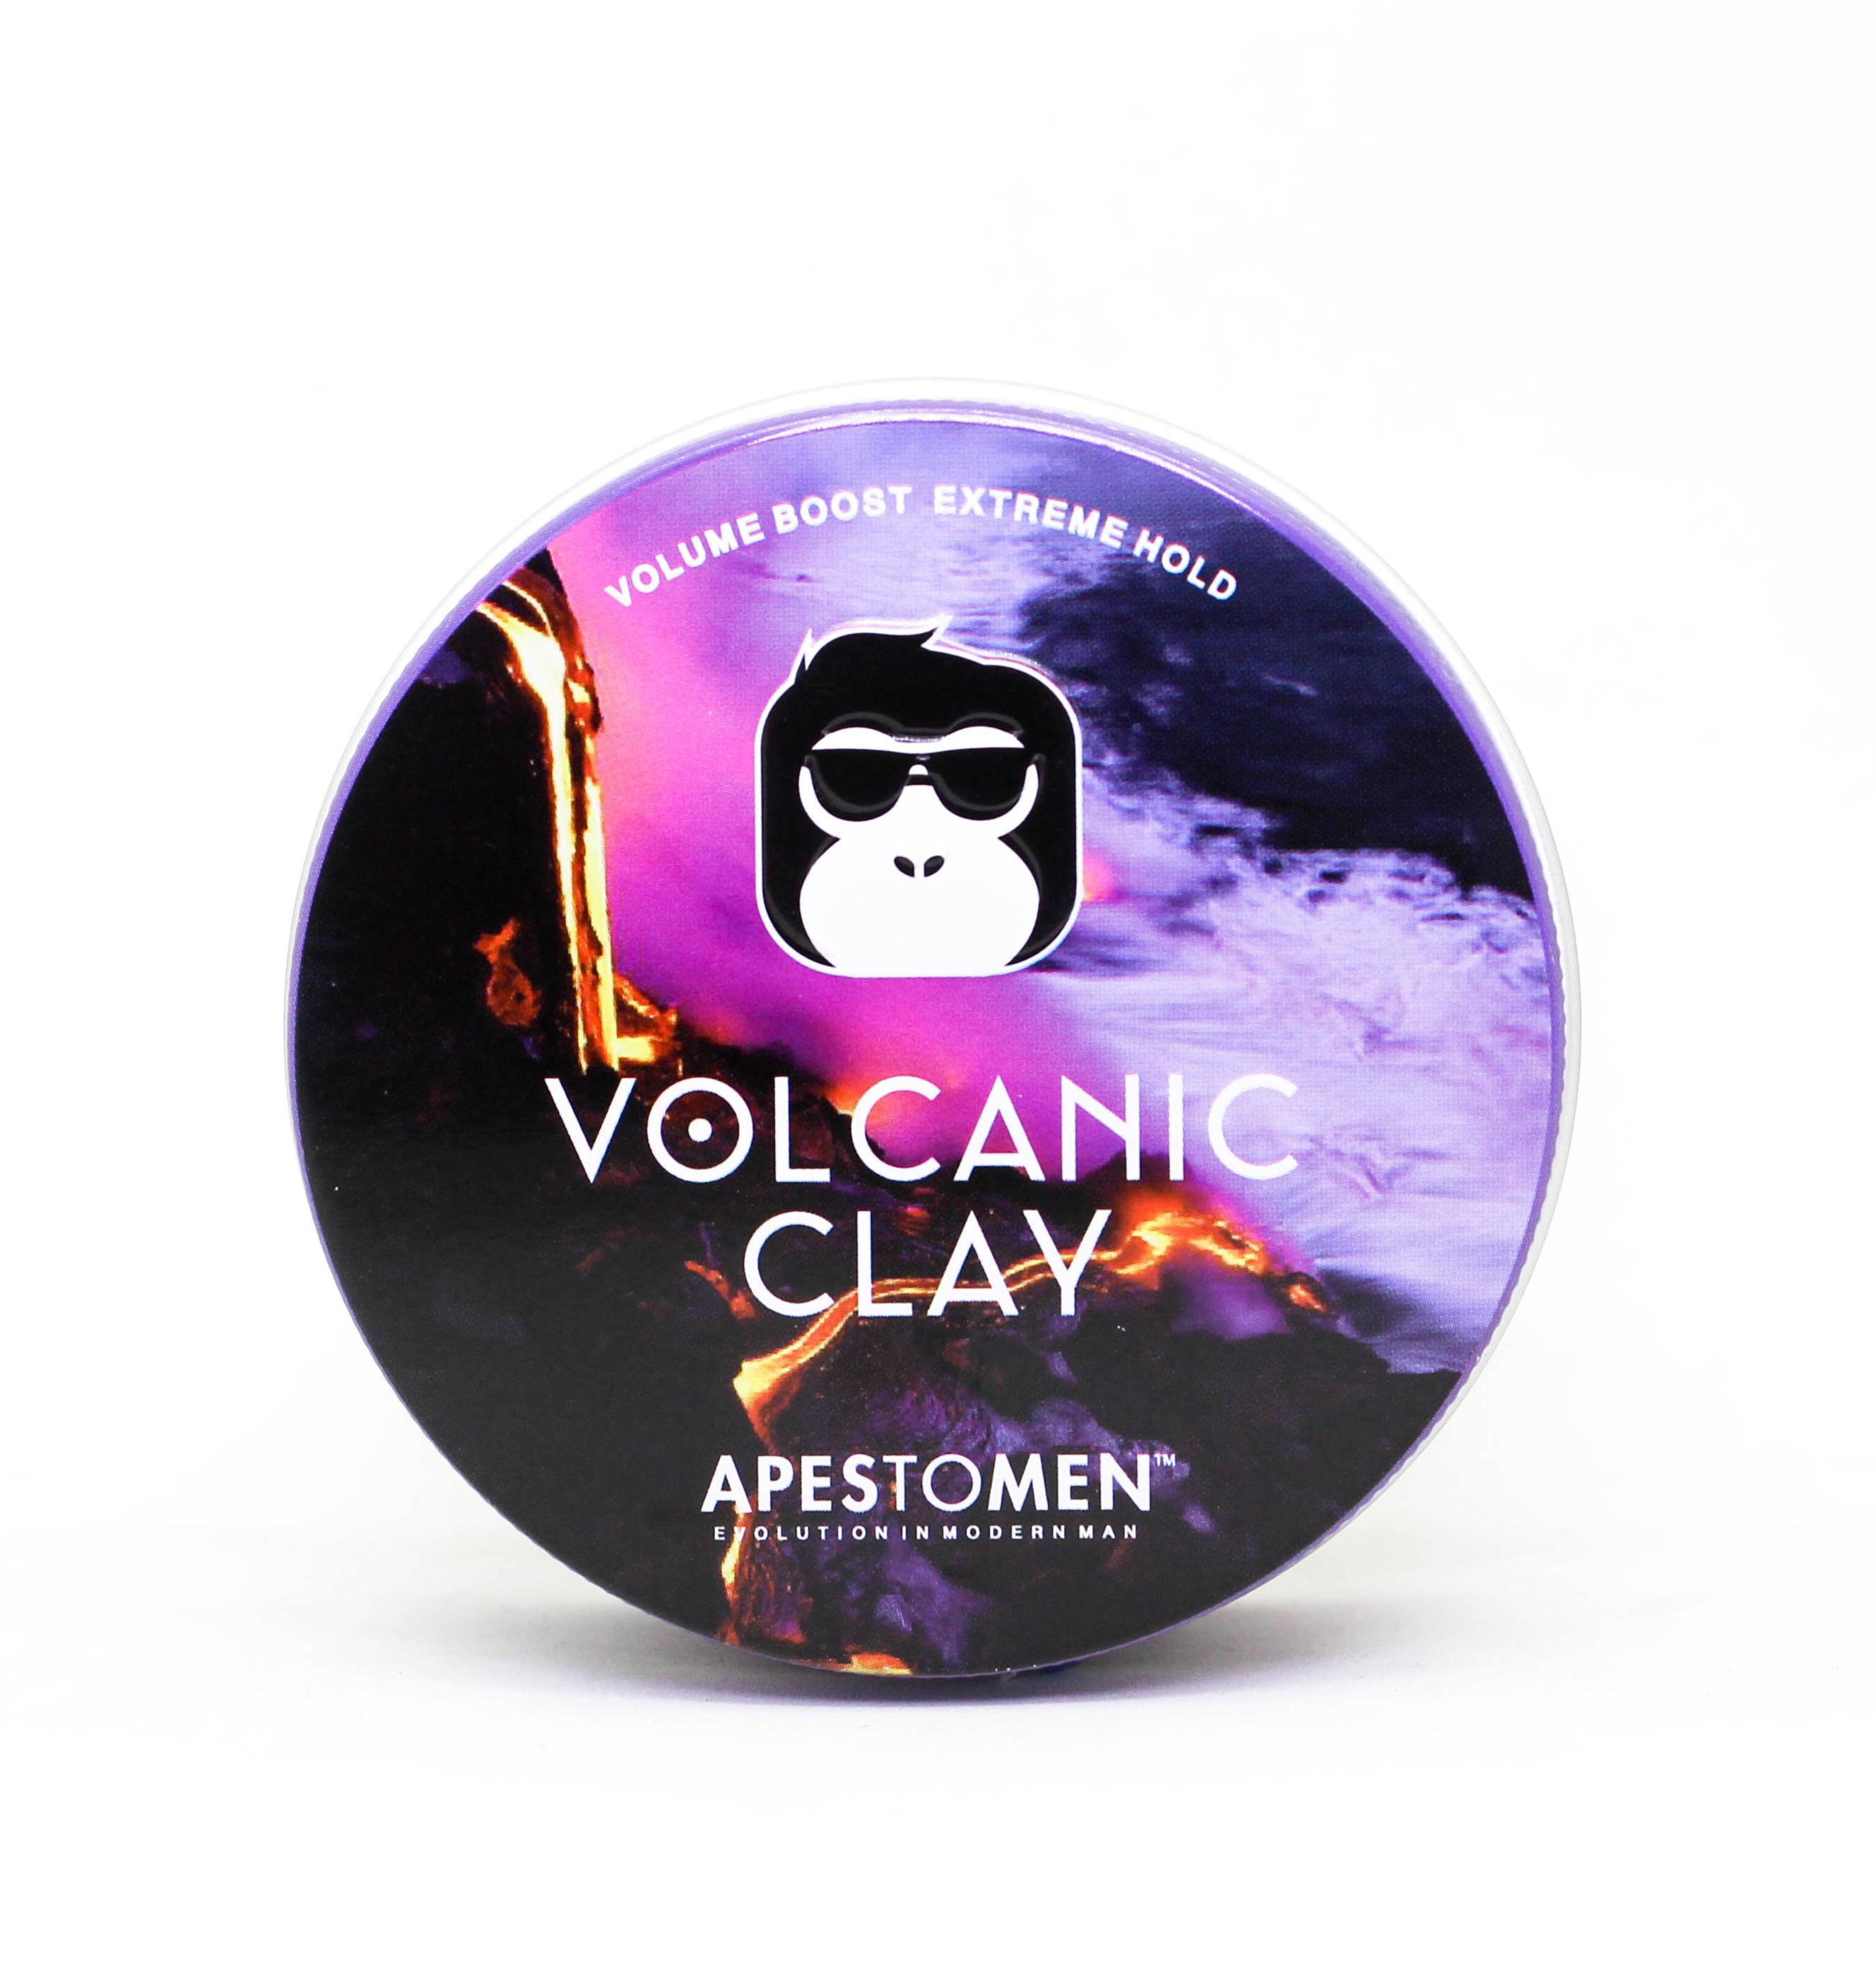 sáp tóc nam volcanic clay